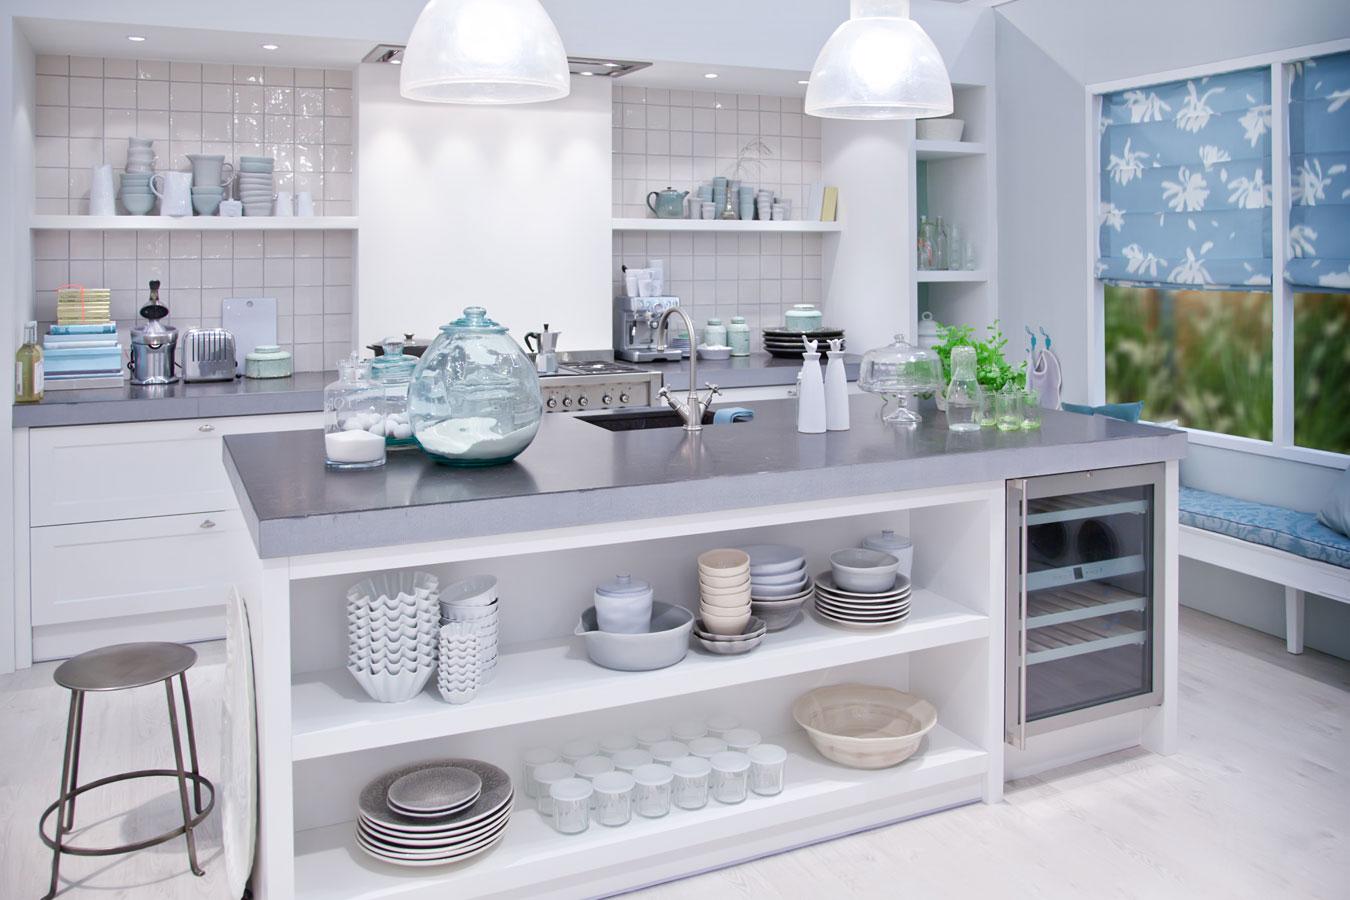 Keuken Beton Werkblad : Idyllische open keuken met betonnen werkblad